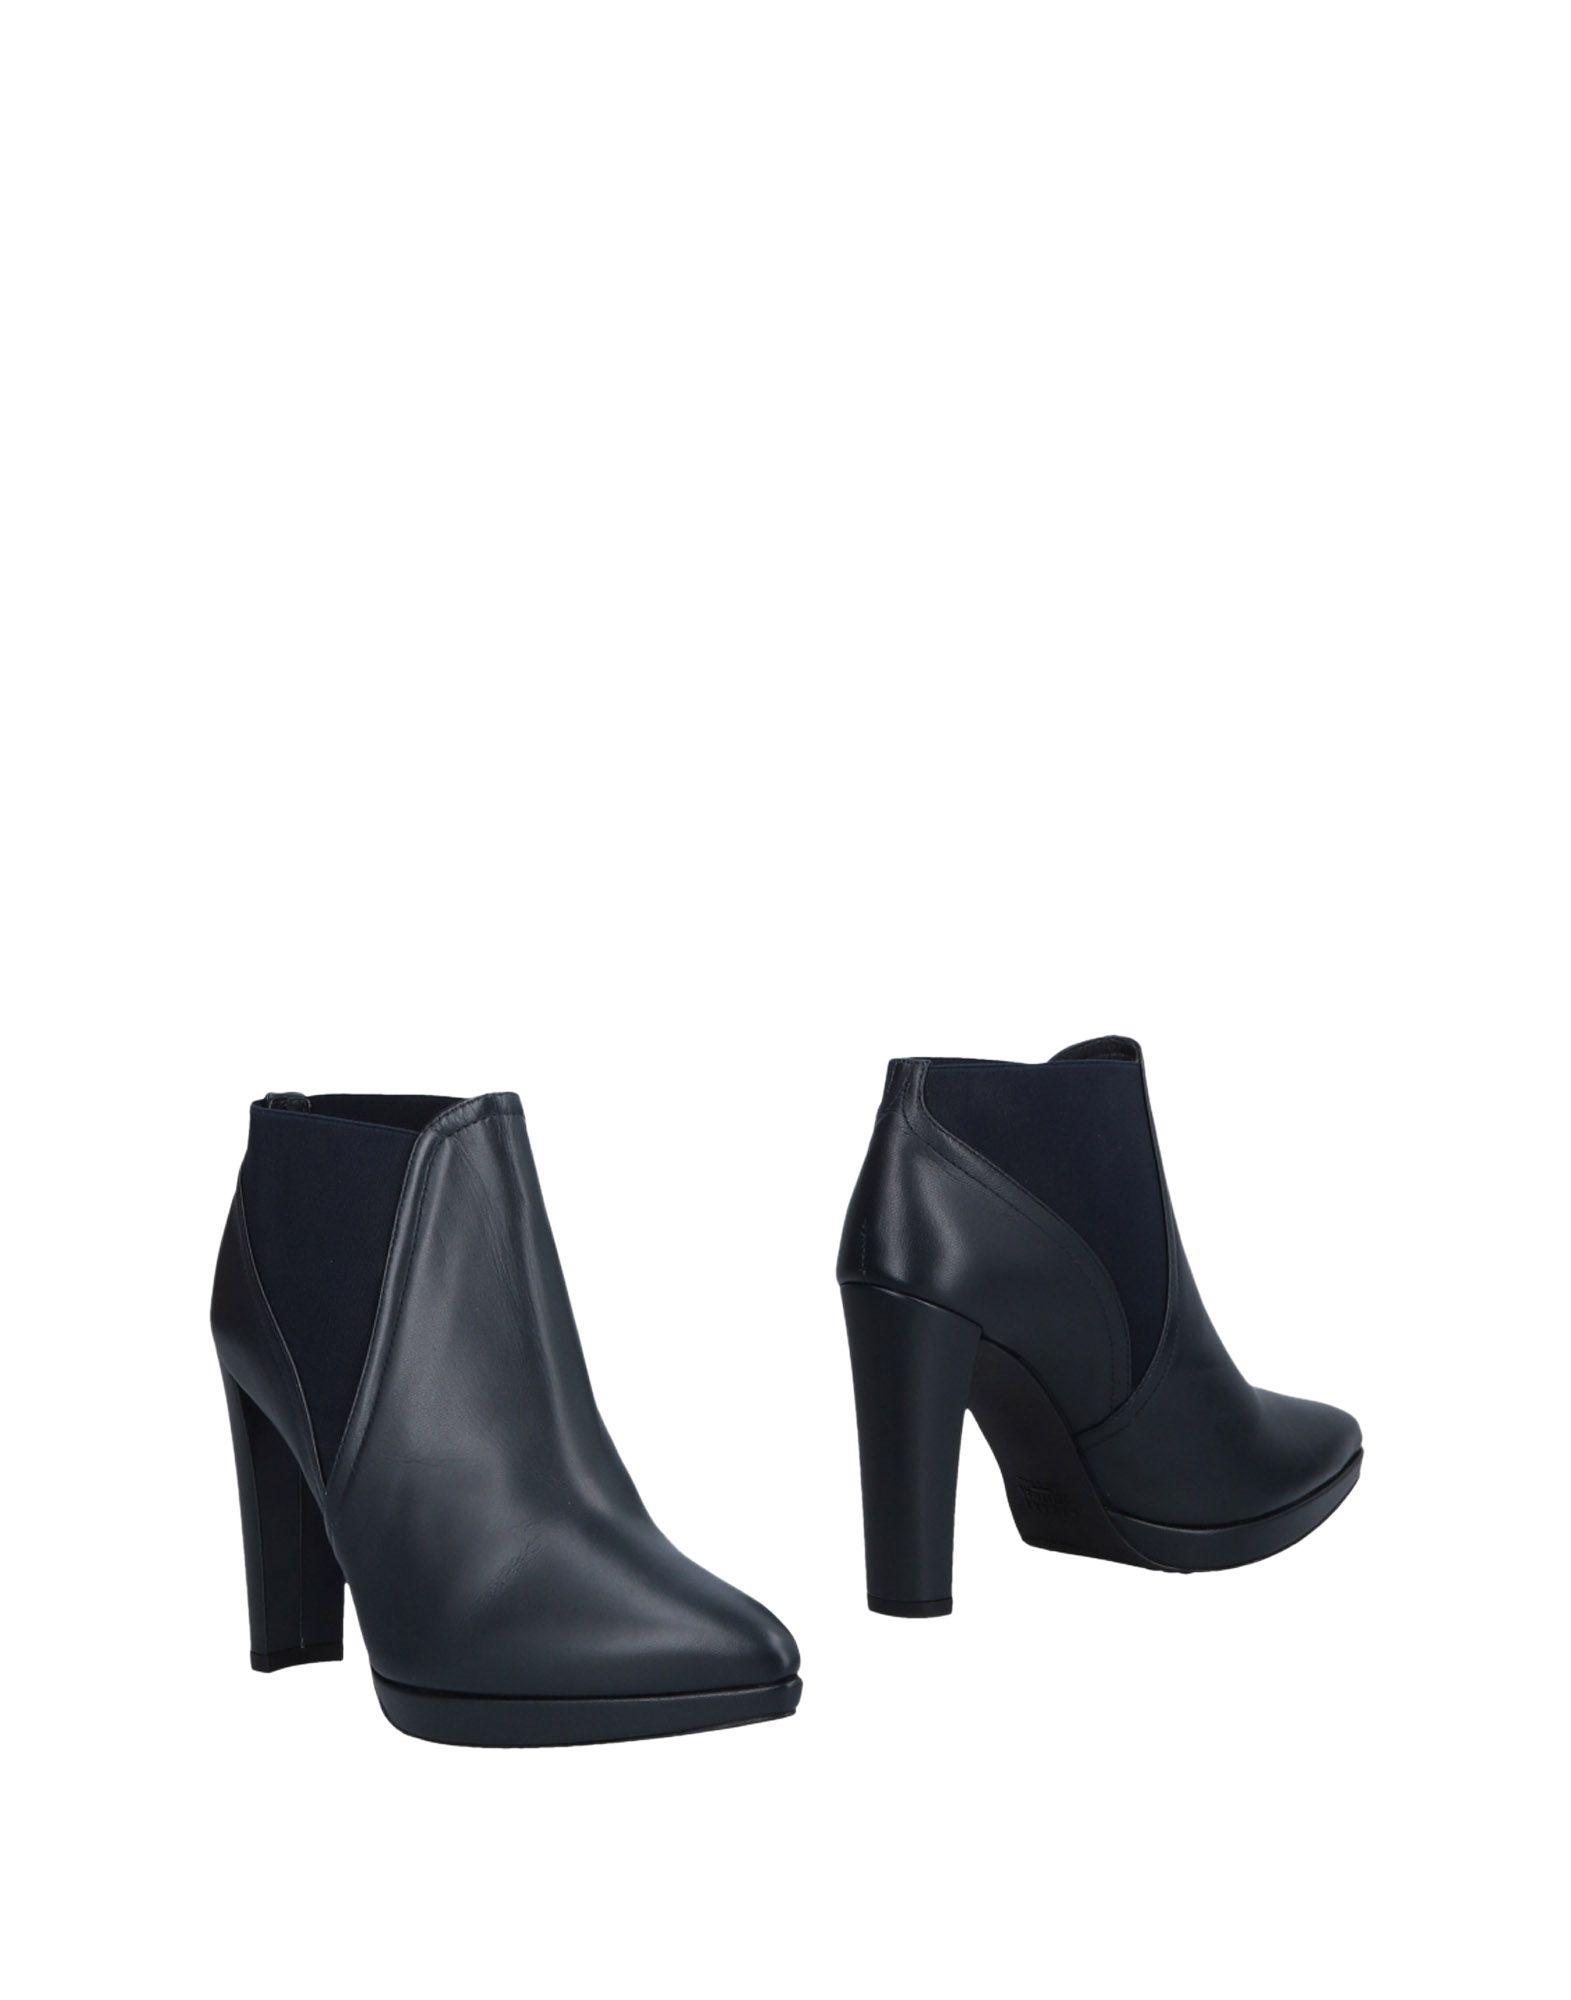 Stuart Weitzman Stiefelette Damen  11471830DWGünstige gut aussehende Schuhe